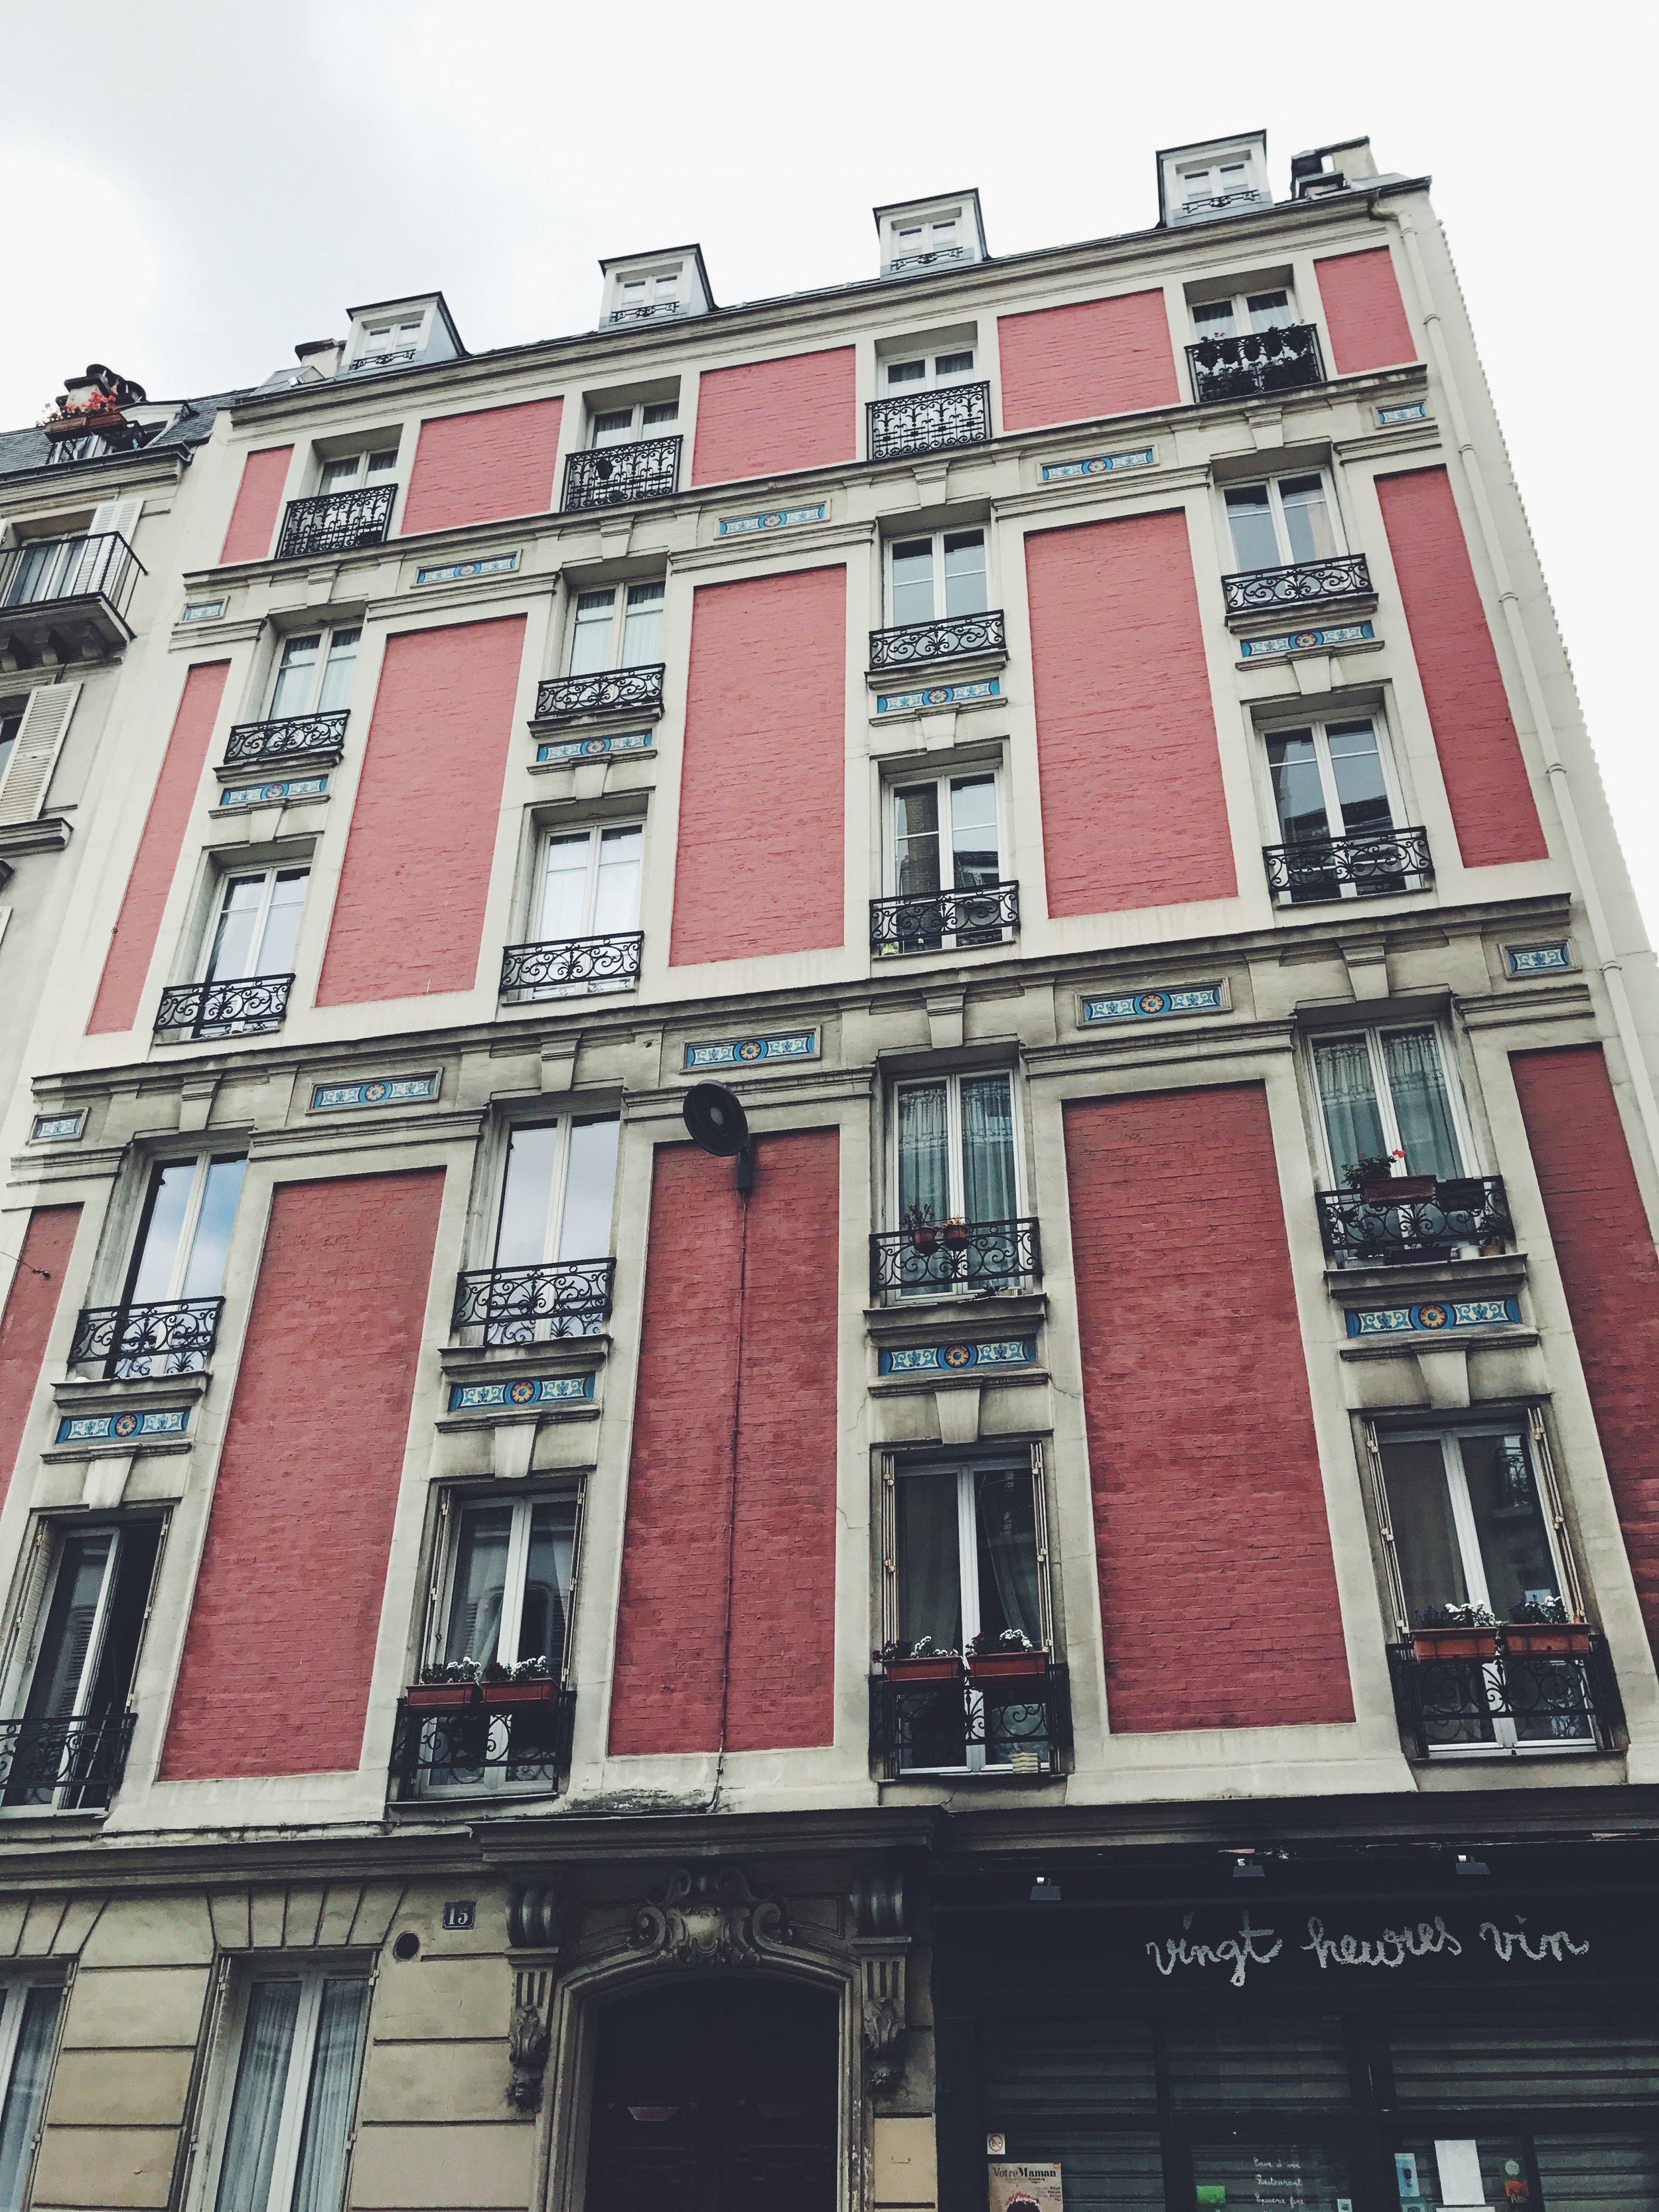 Van Gogh's house, Montmartre